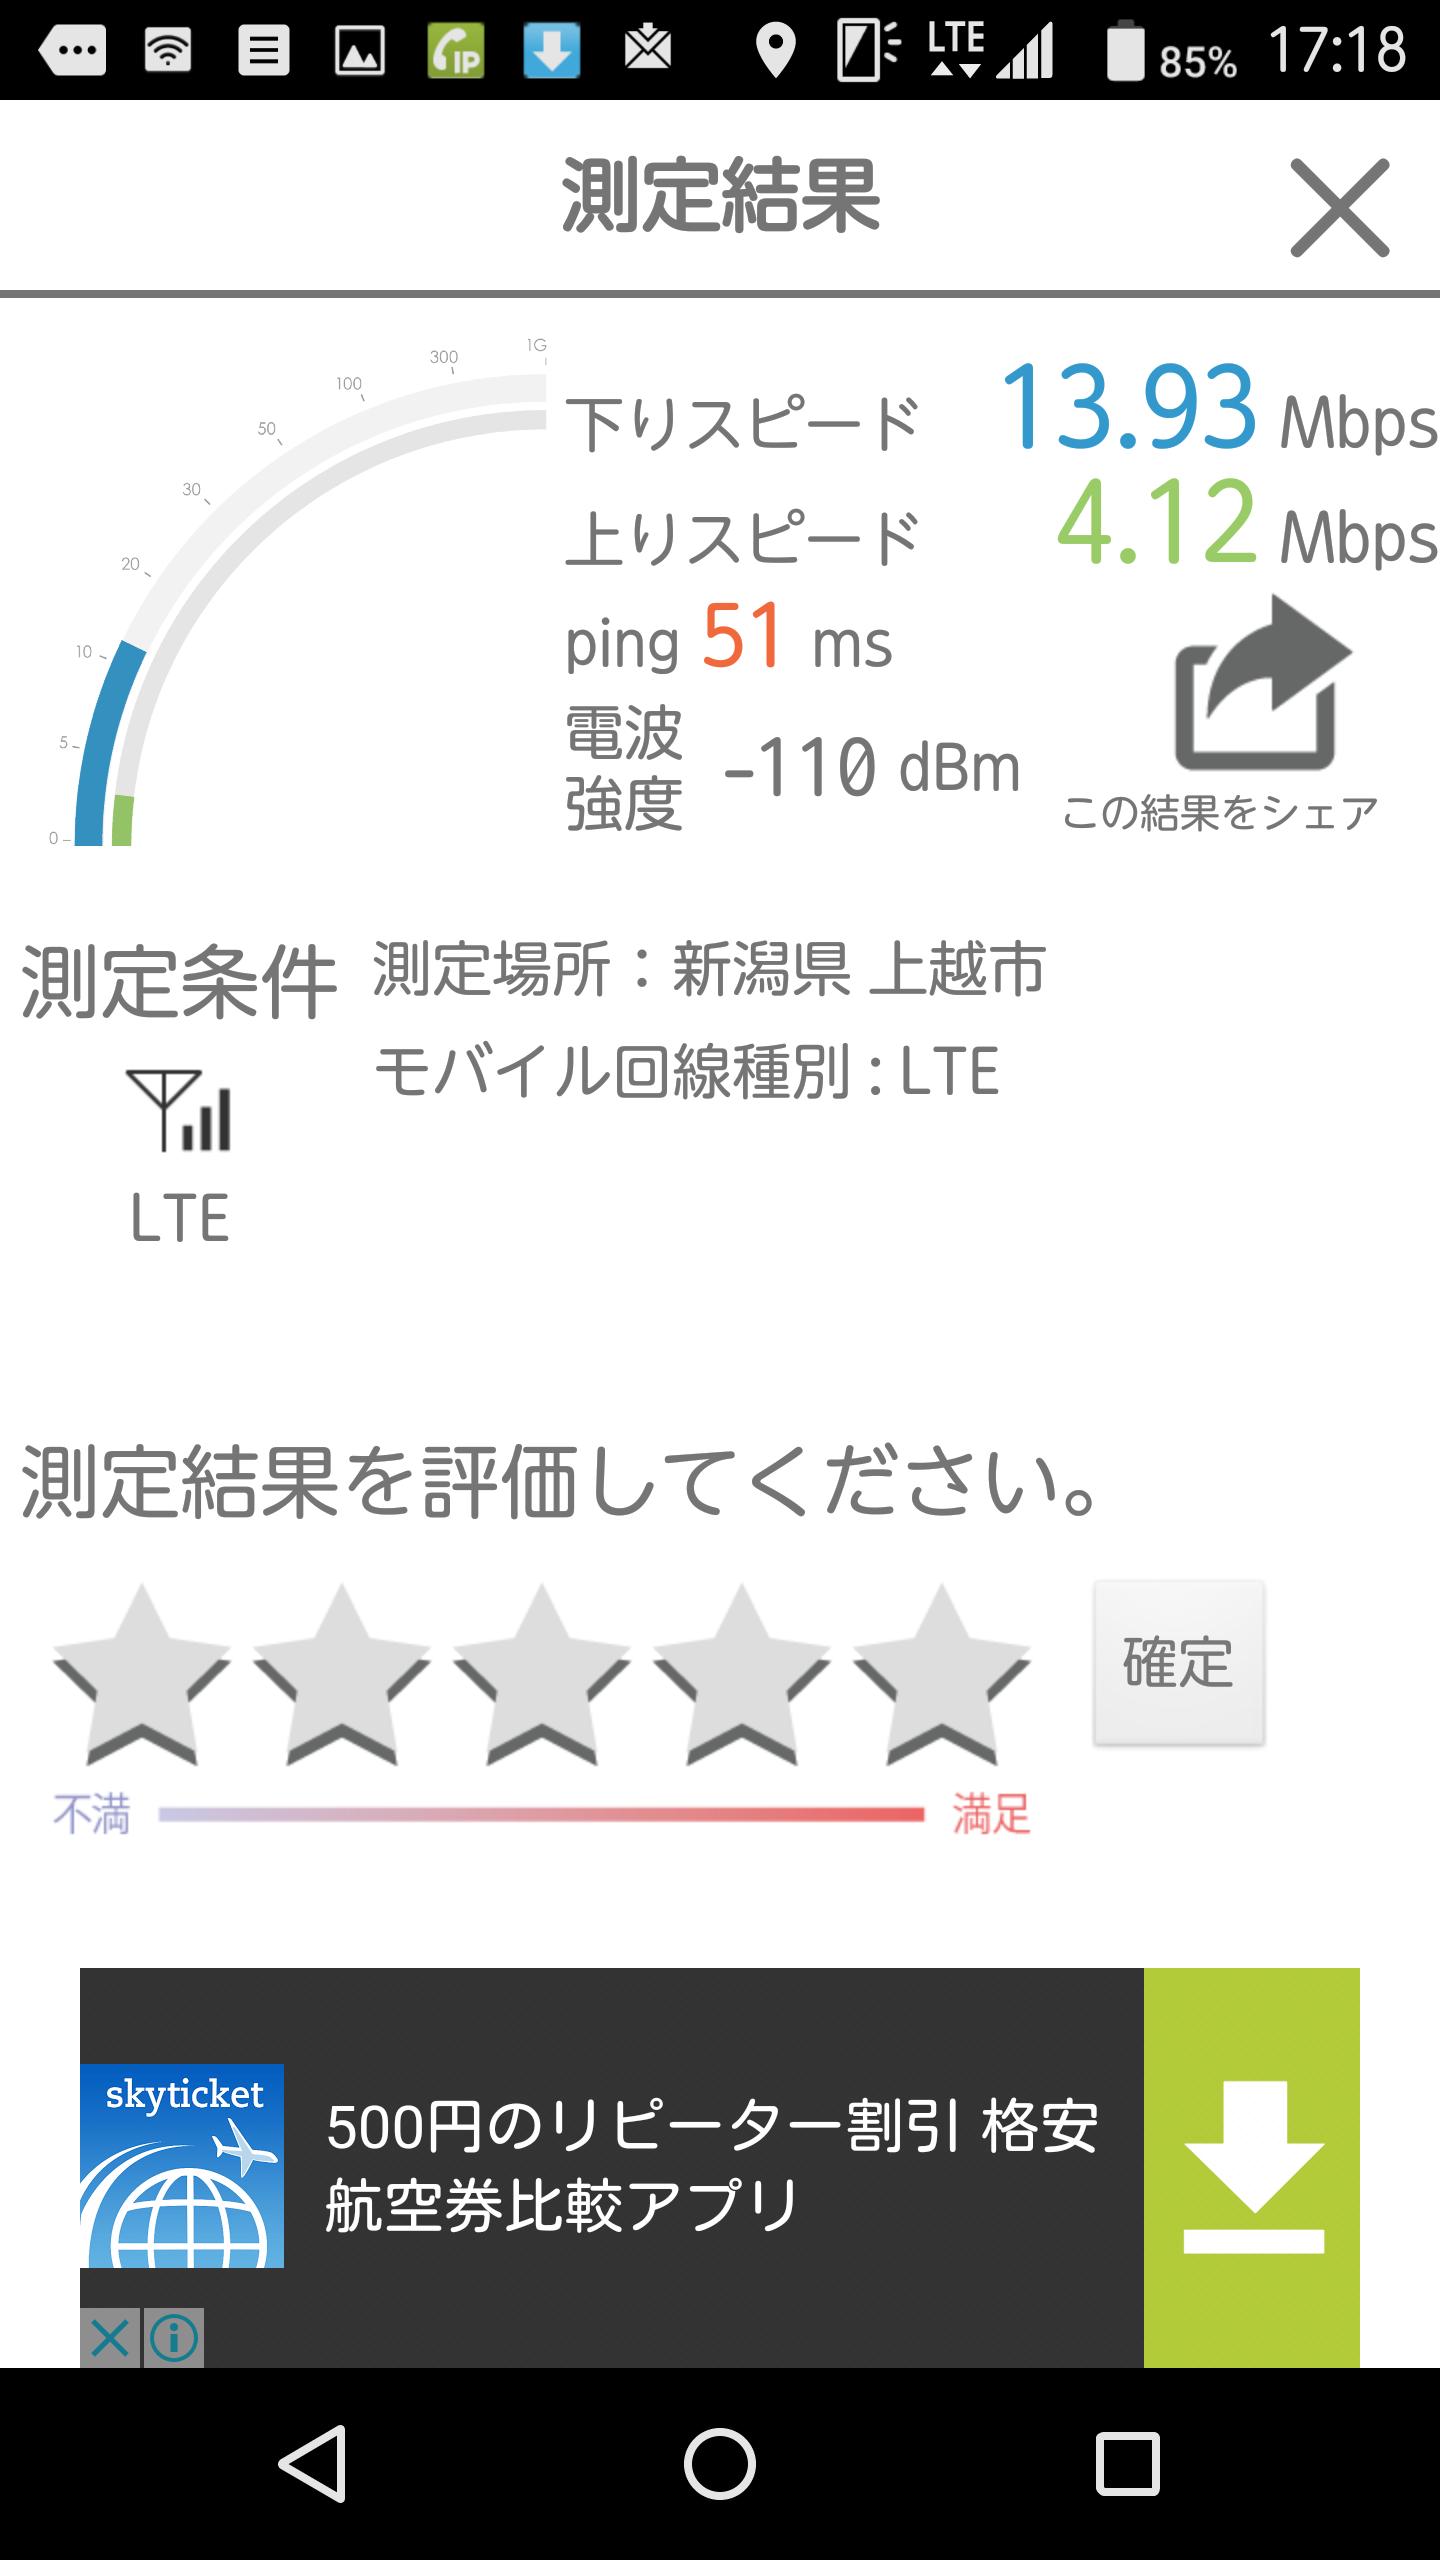 スピード ネット